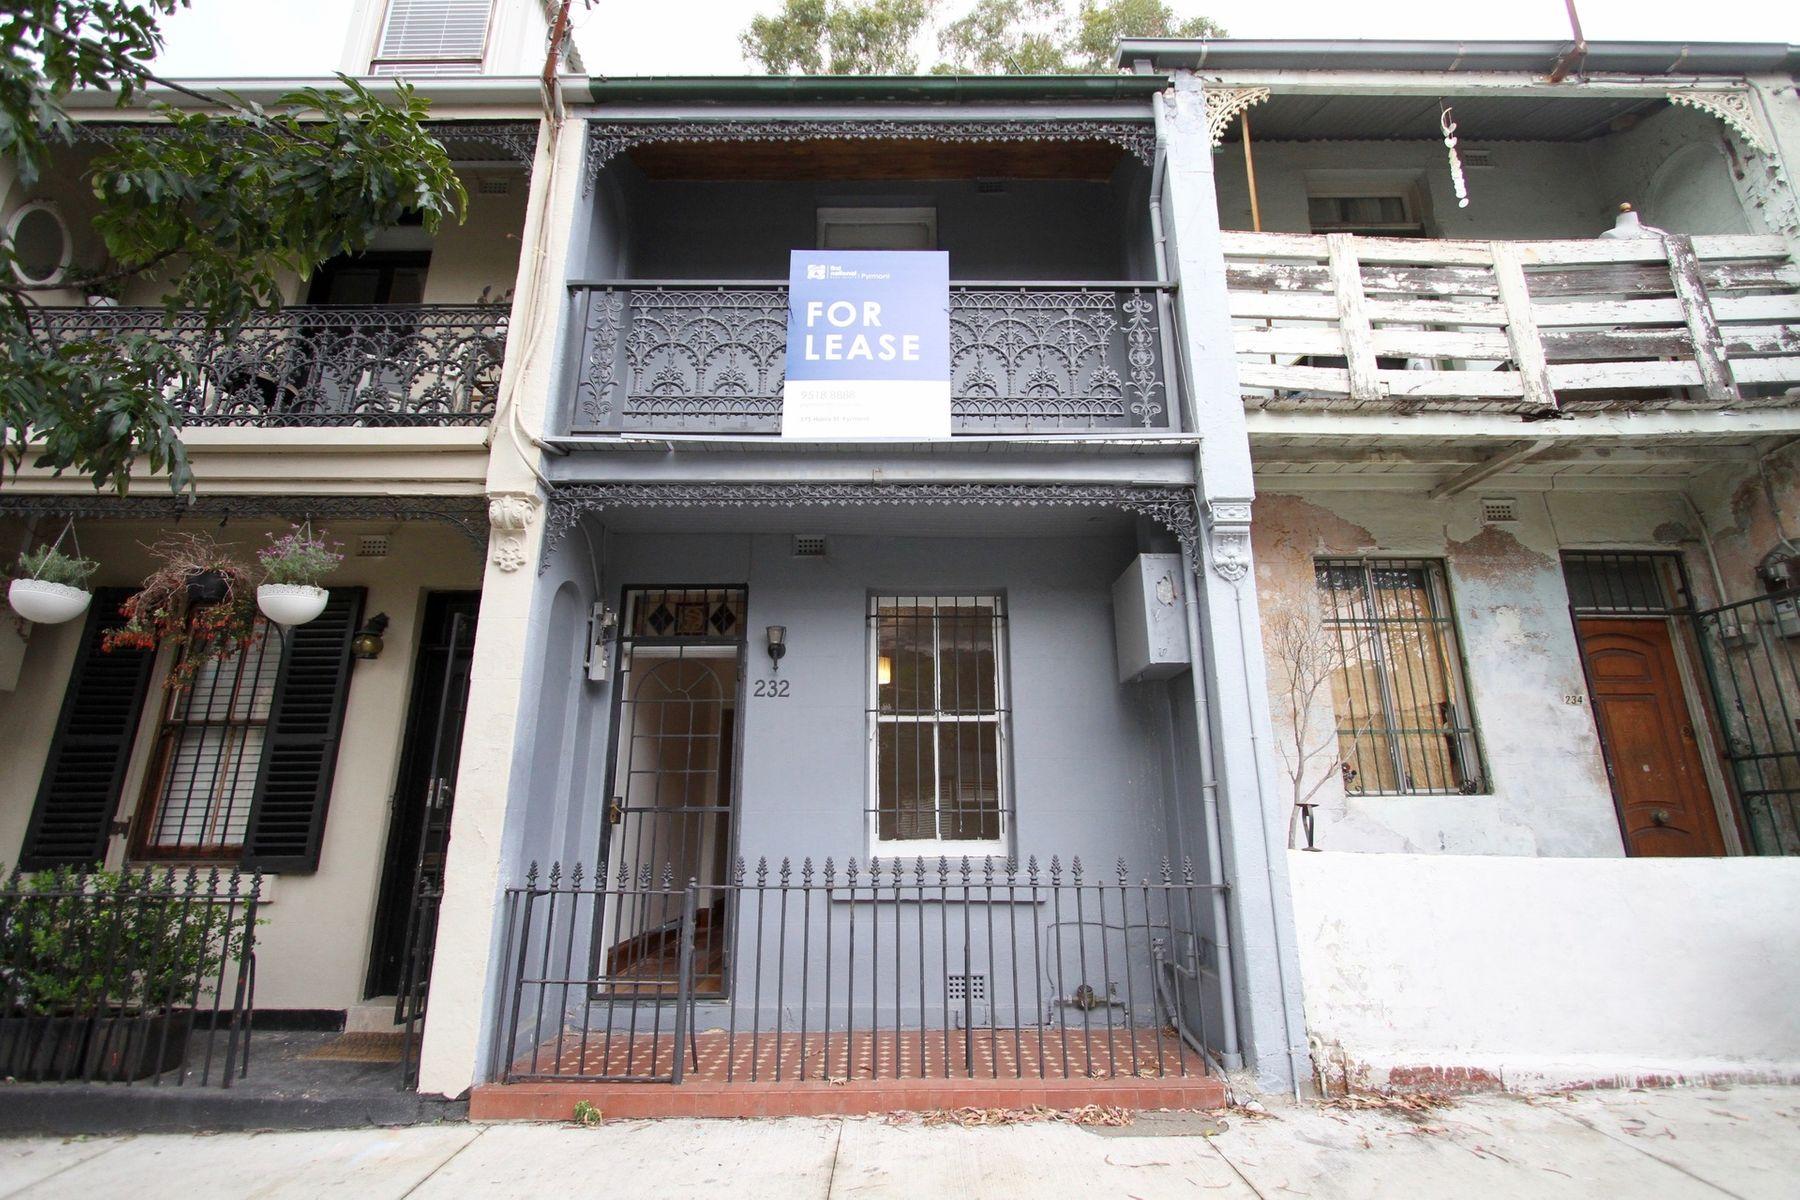 232 Abercrombie Street, Redfern, NSW 2016